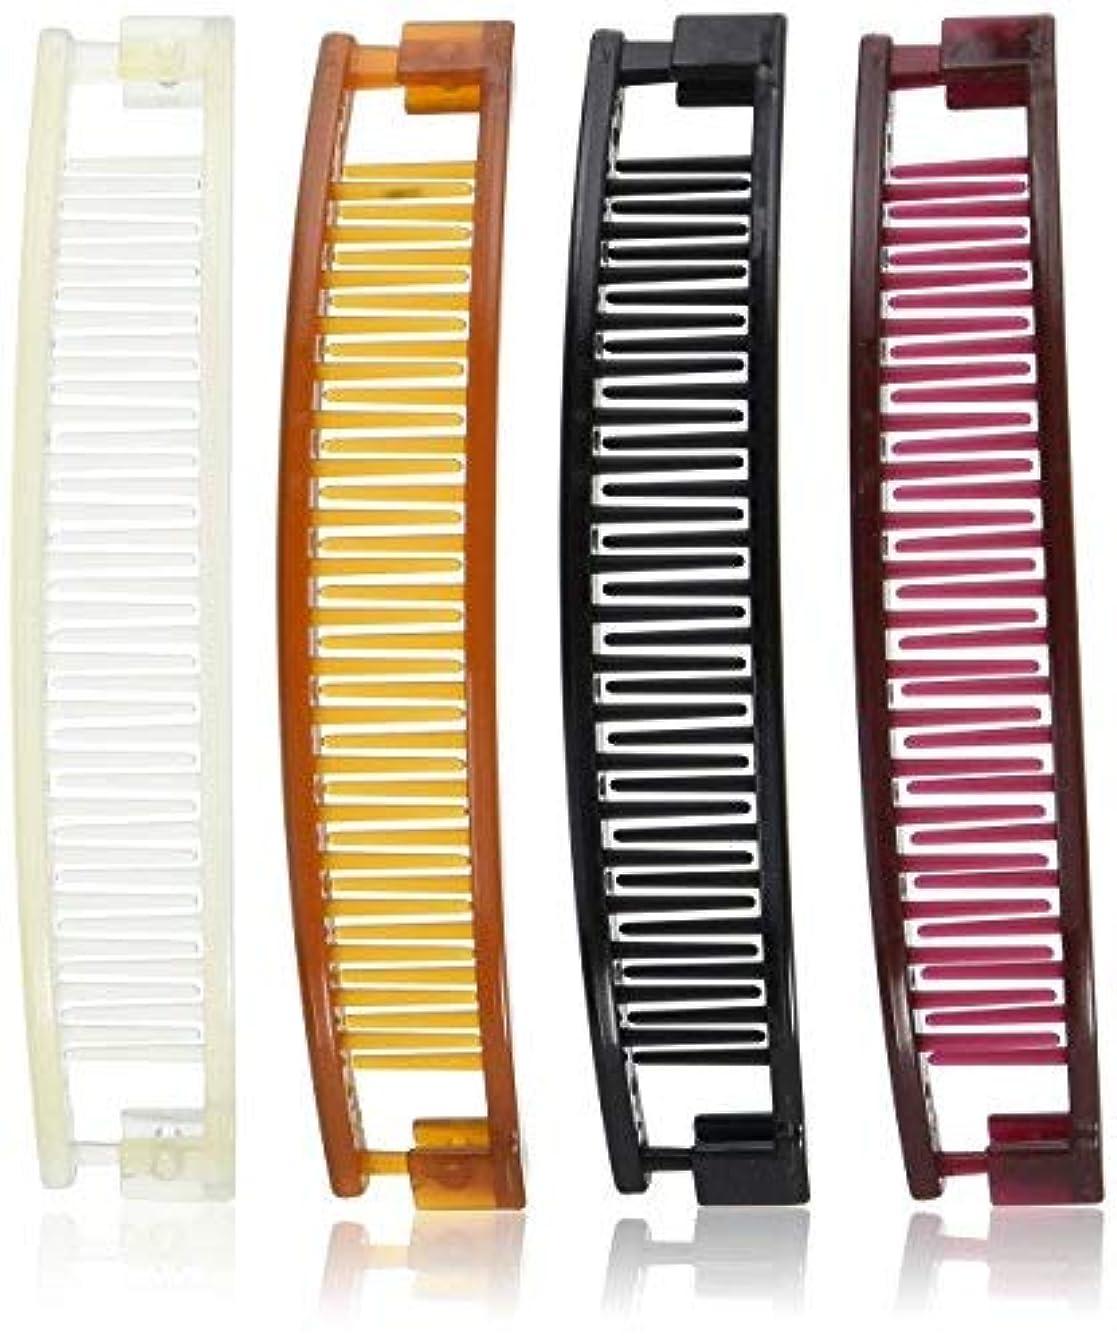 受け入れた承認する尊敬するGoody Classics Clincher Comb, 5